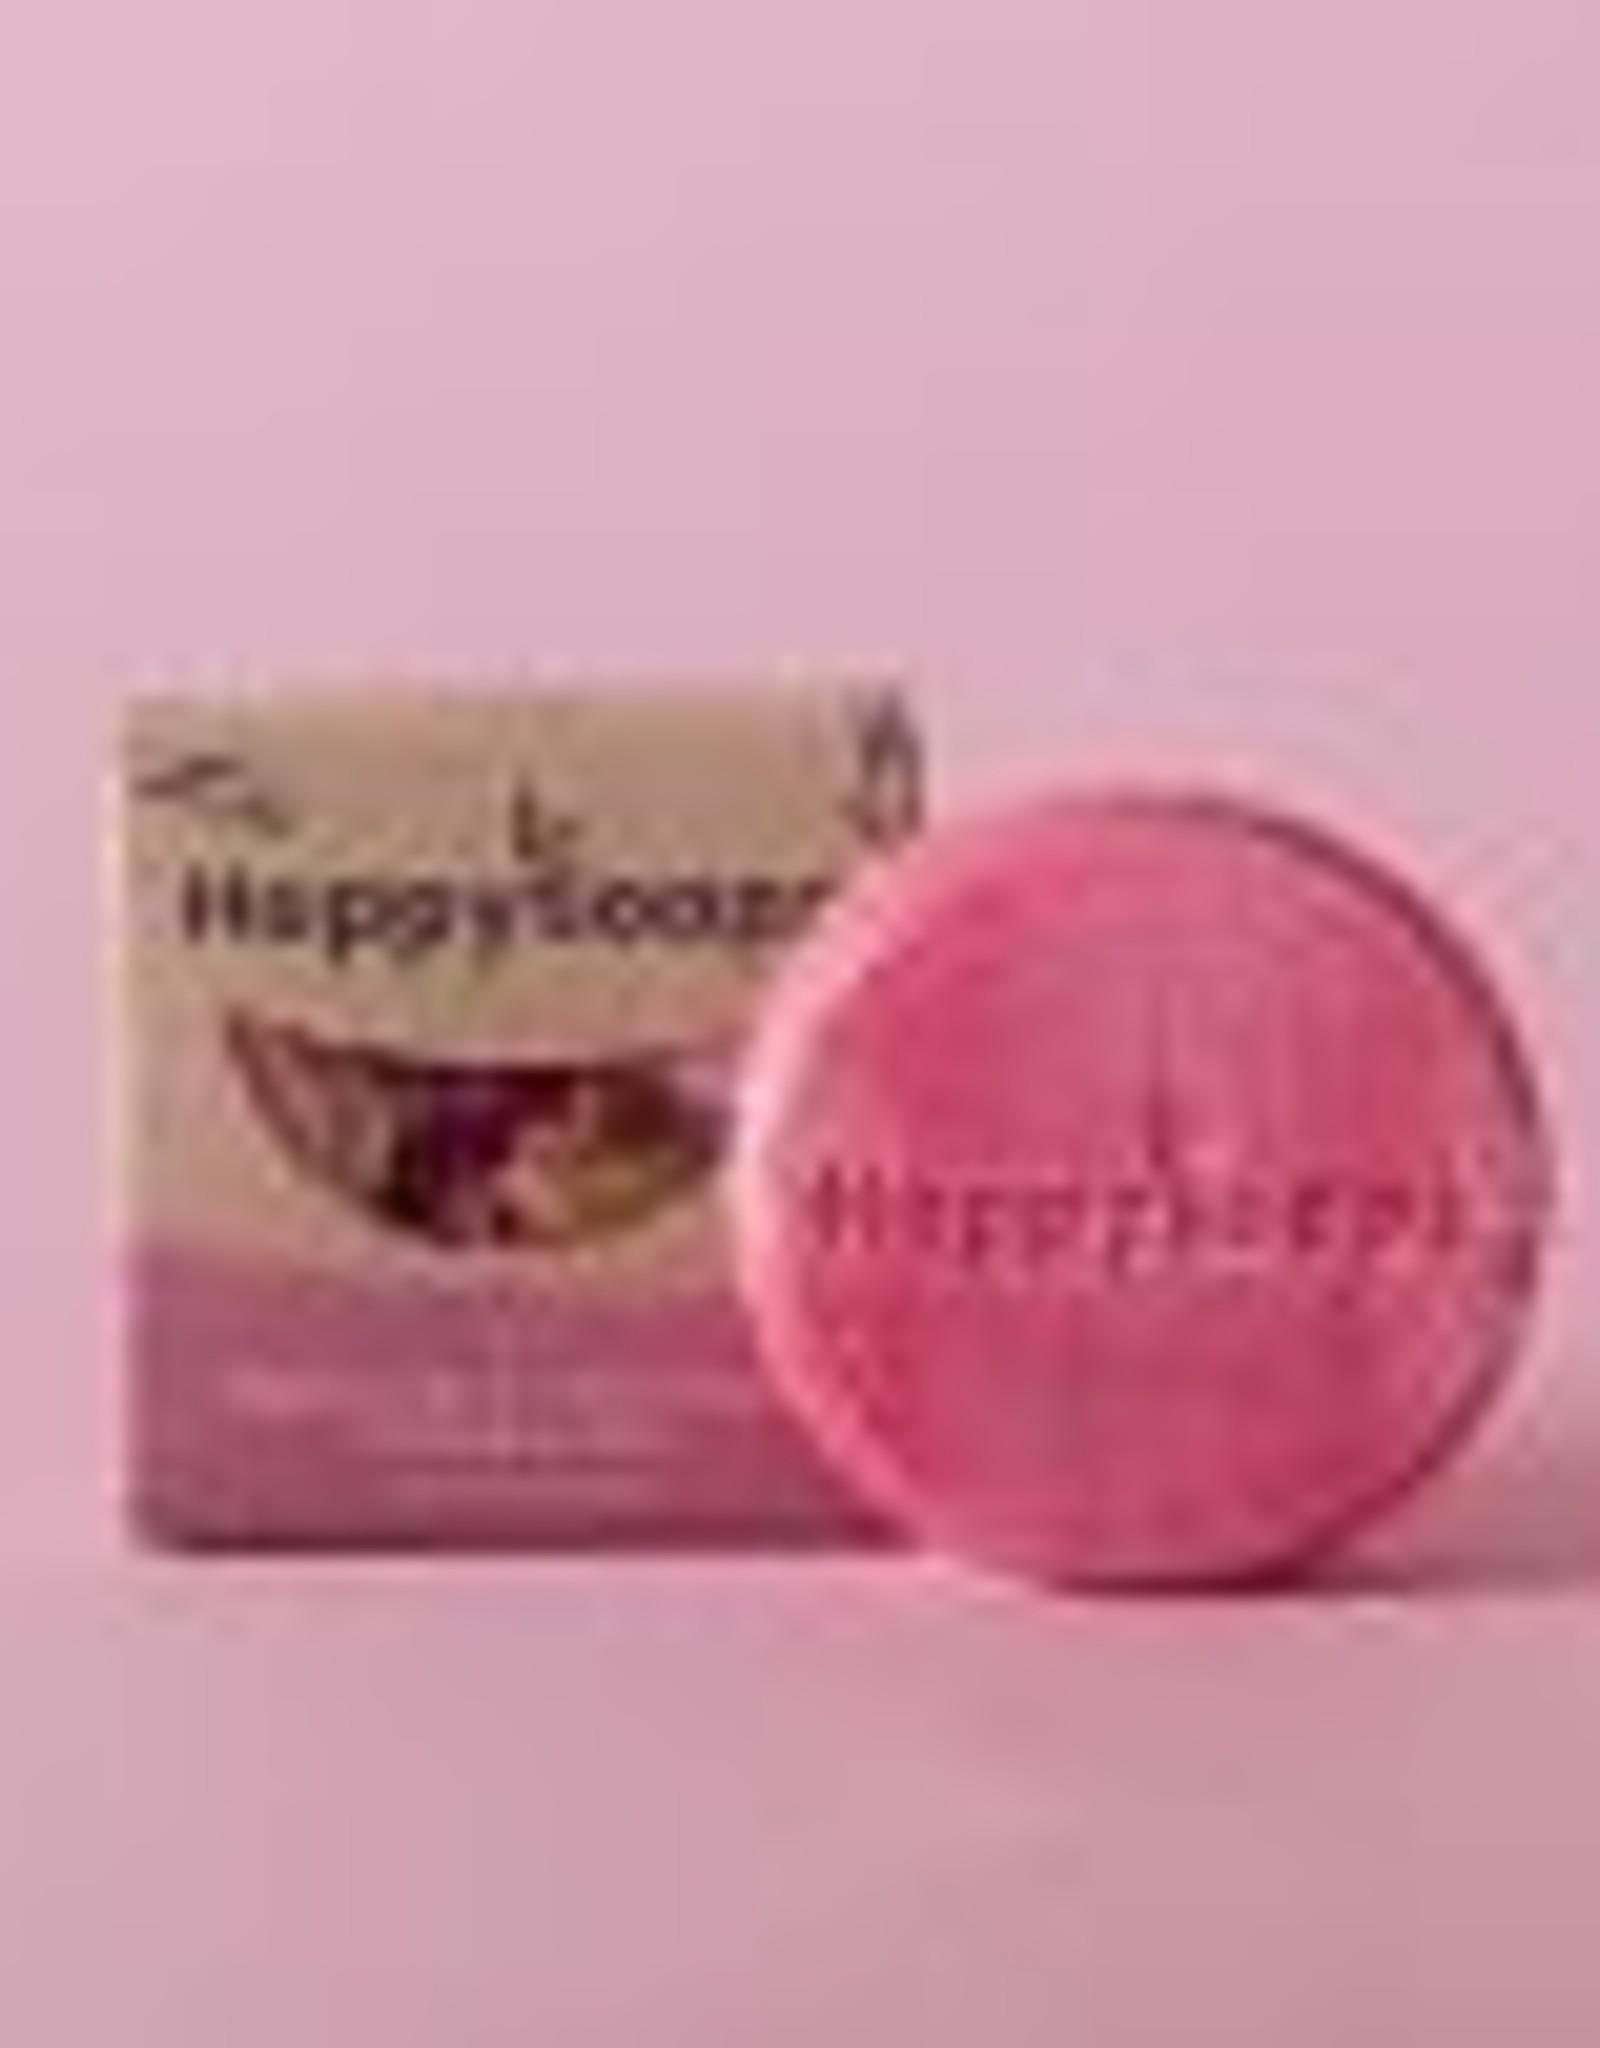 HappySoaps - 100% plasticvrije cosmetica La Vie en Rose Shampoo Bar - 70g